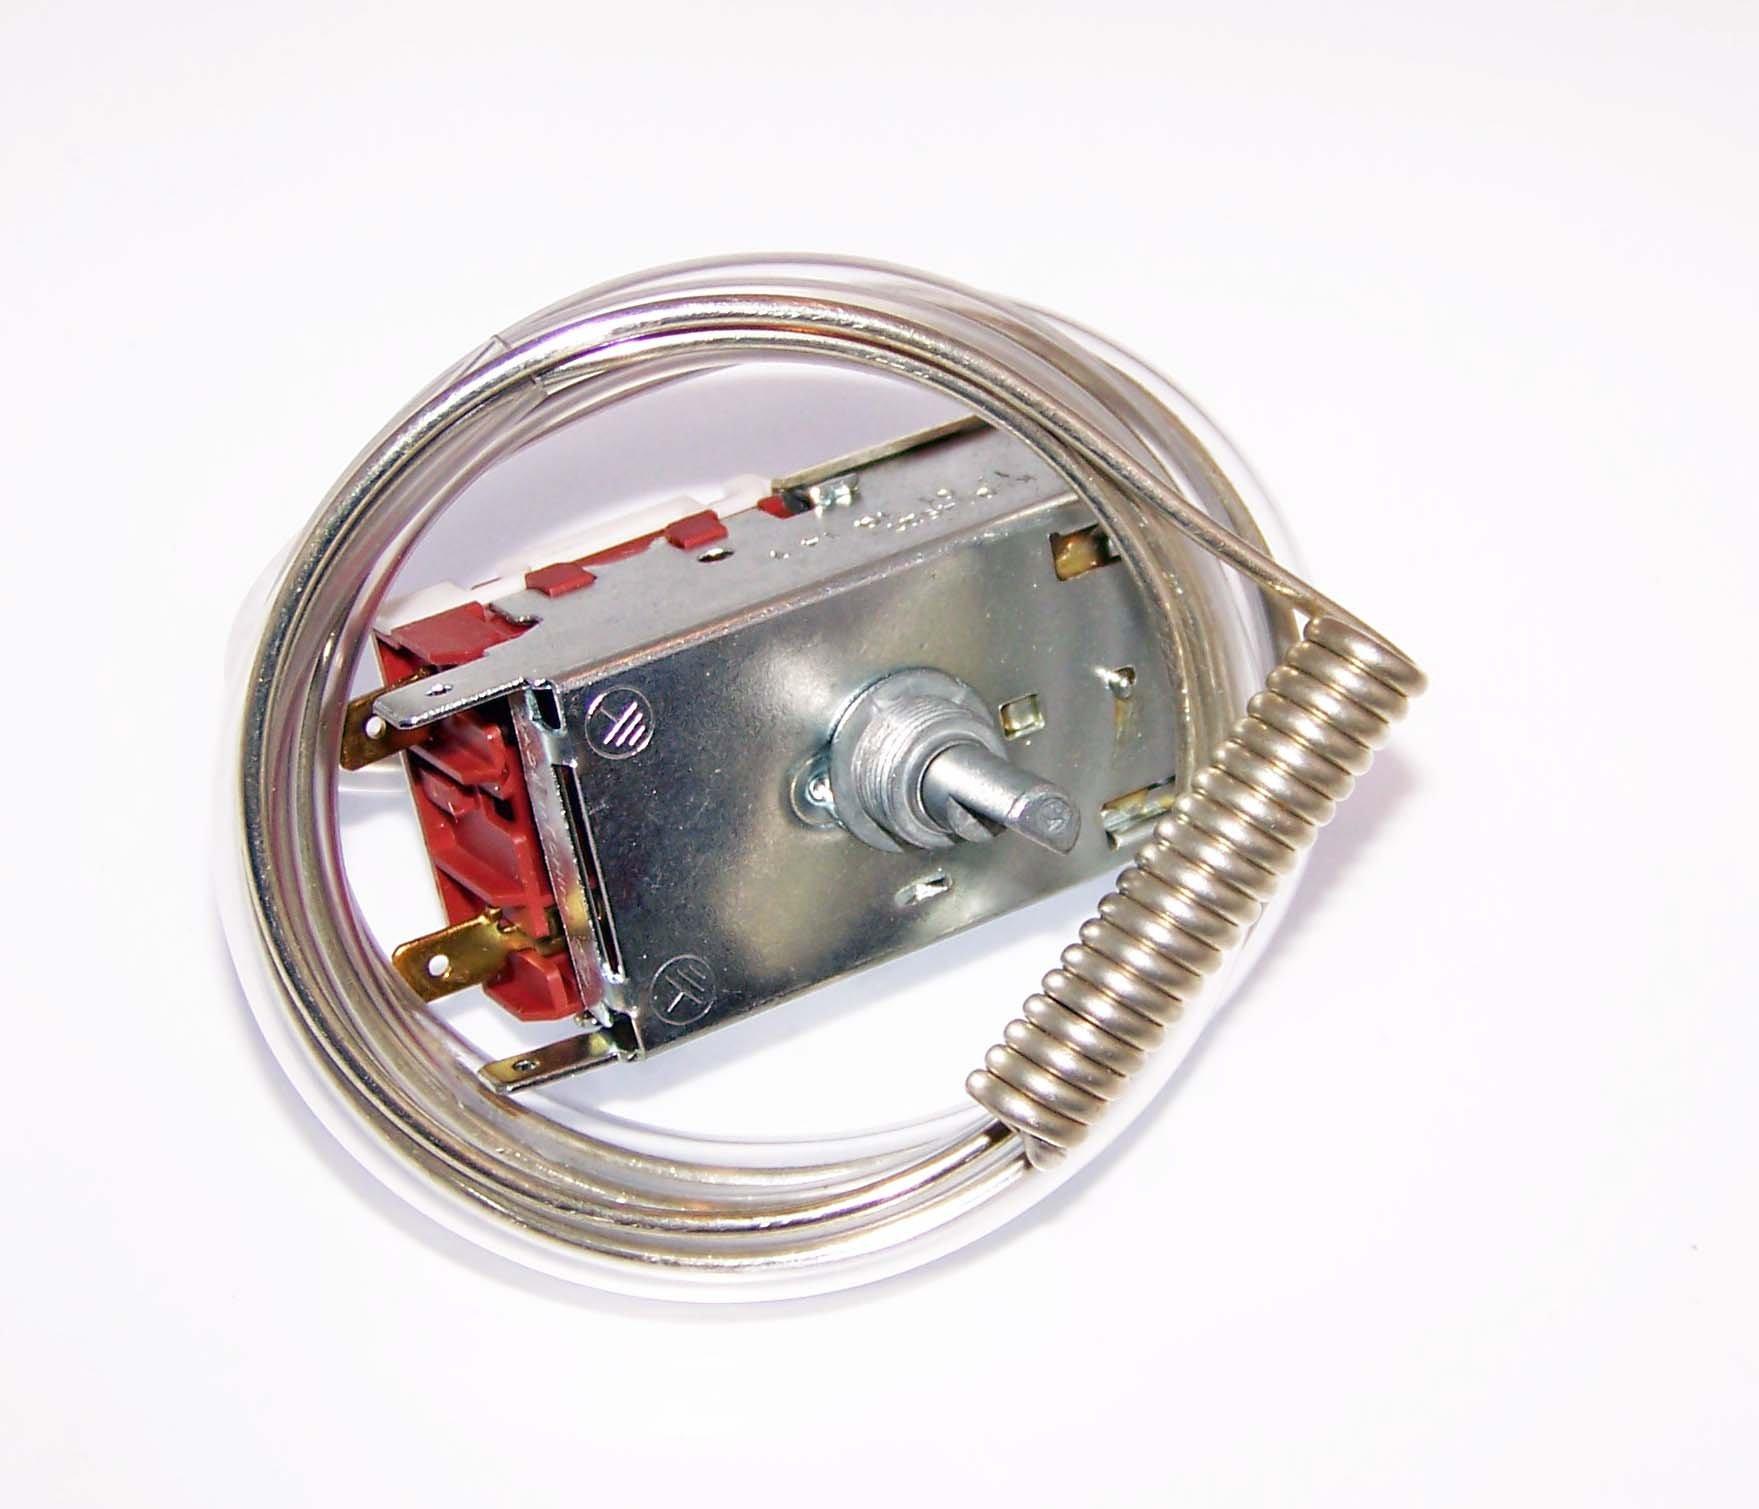 OEM Haier Bottle Wine Cooler Thermostat For Haier HVL042ABB, HVFM30ABB